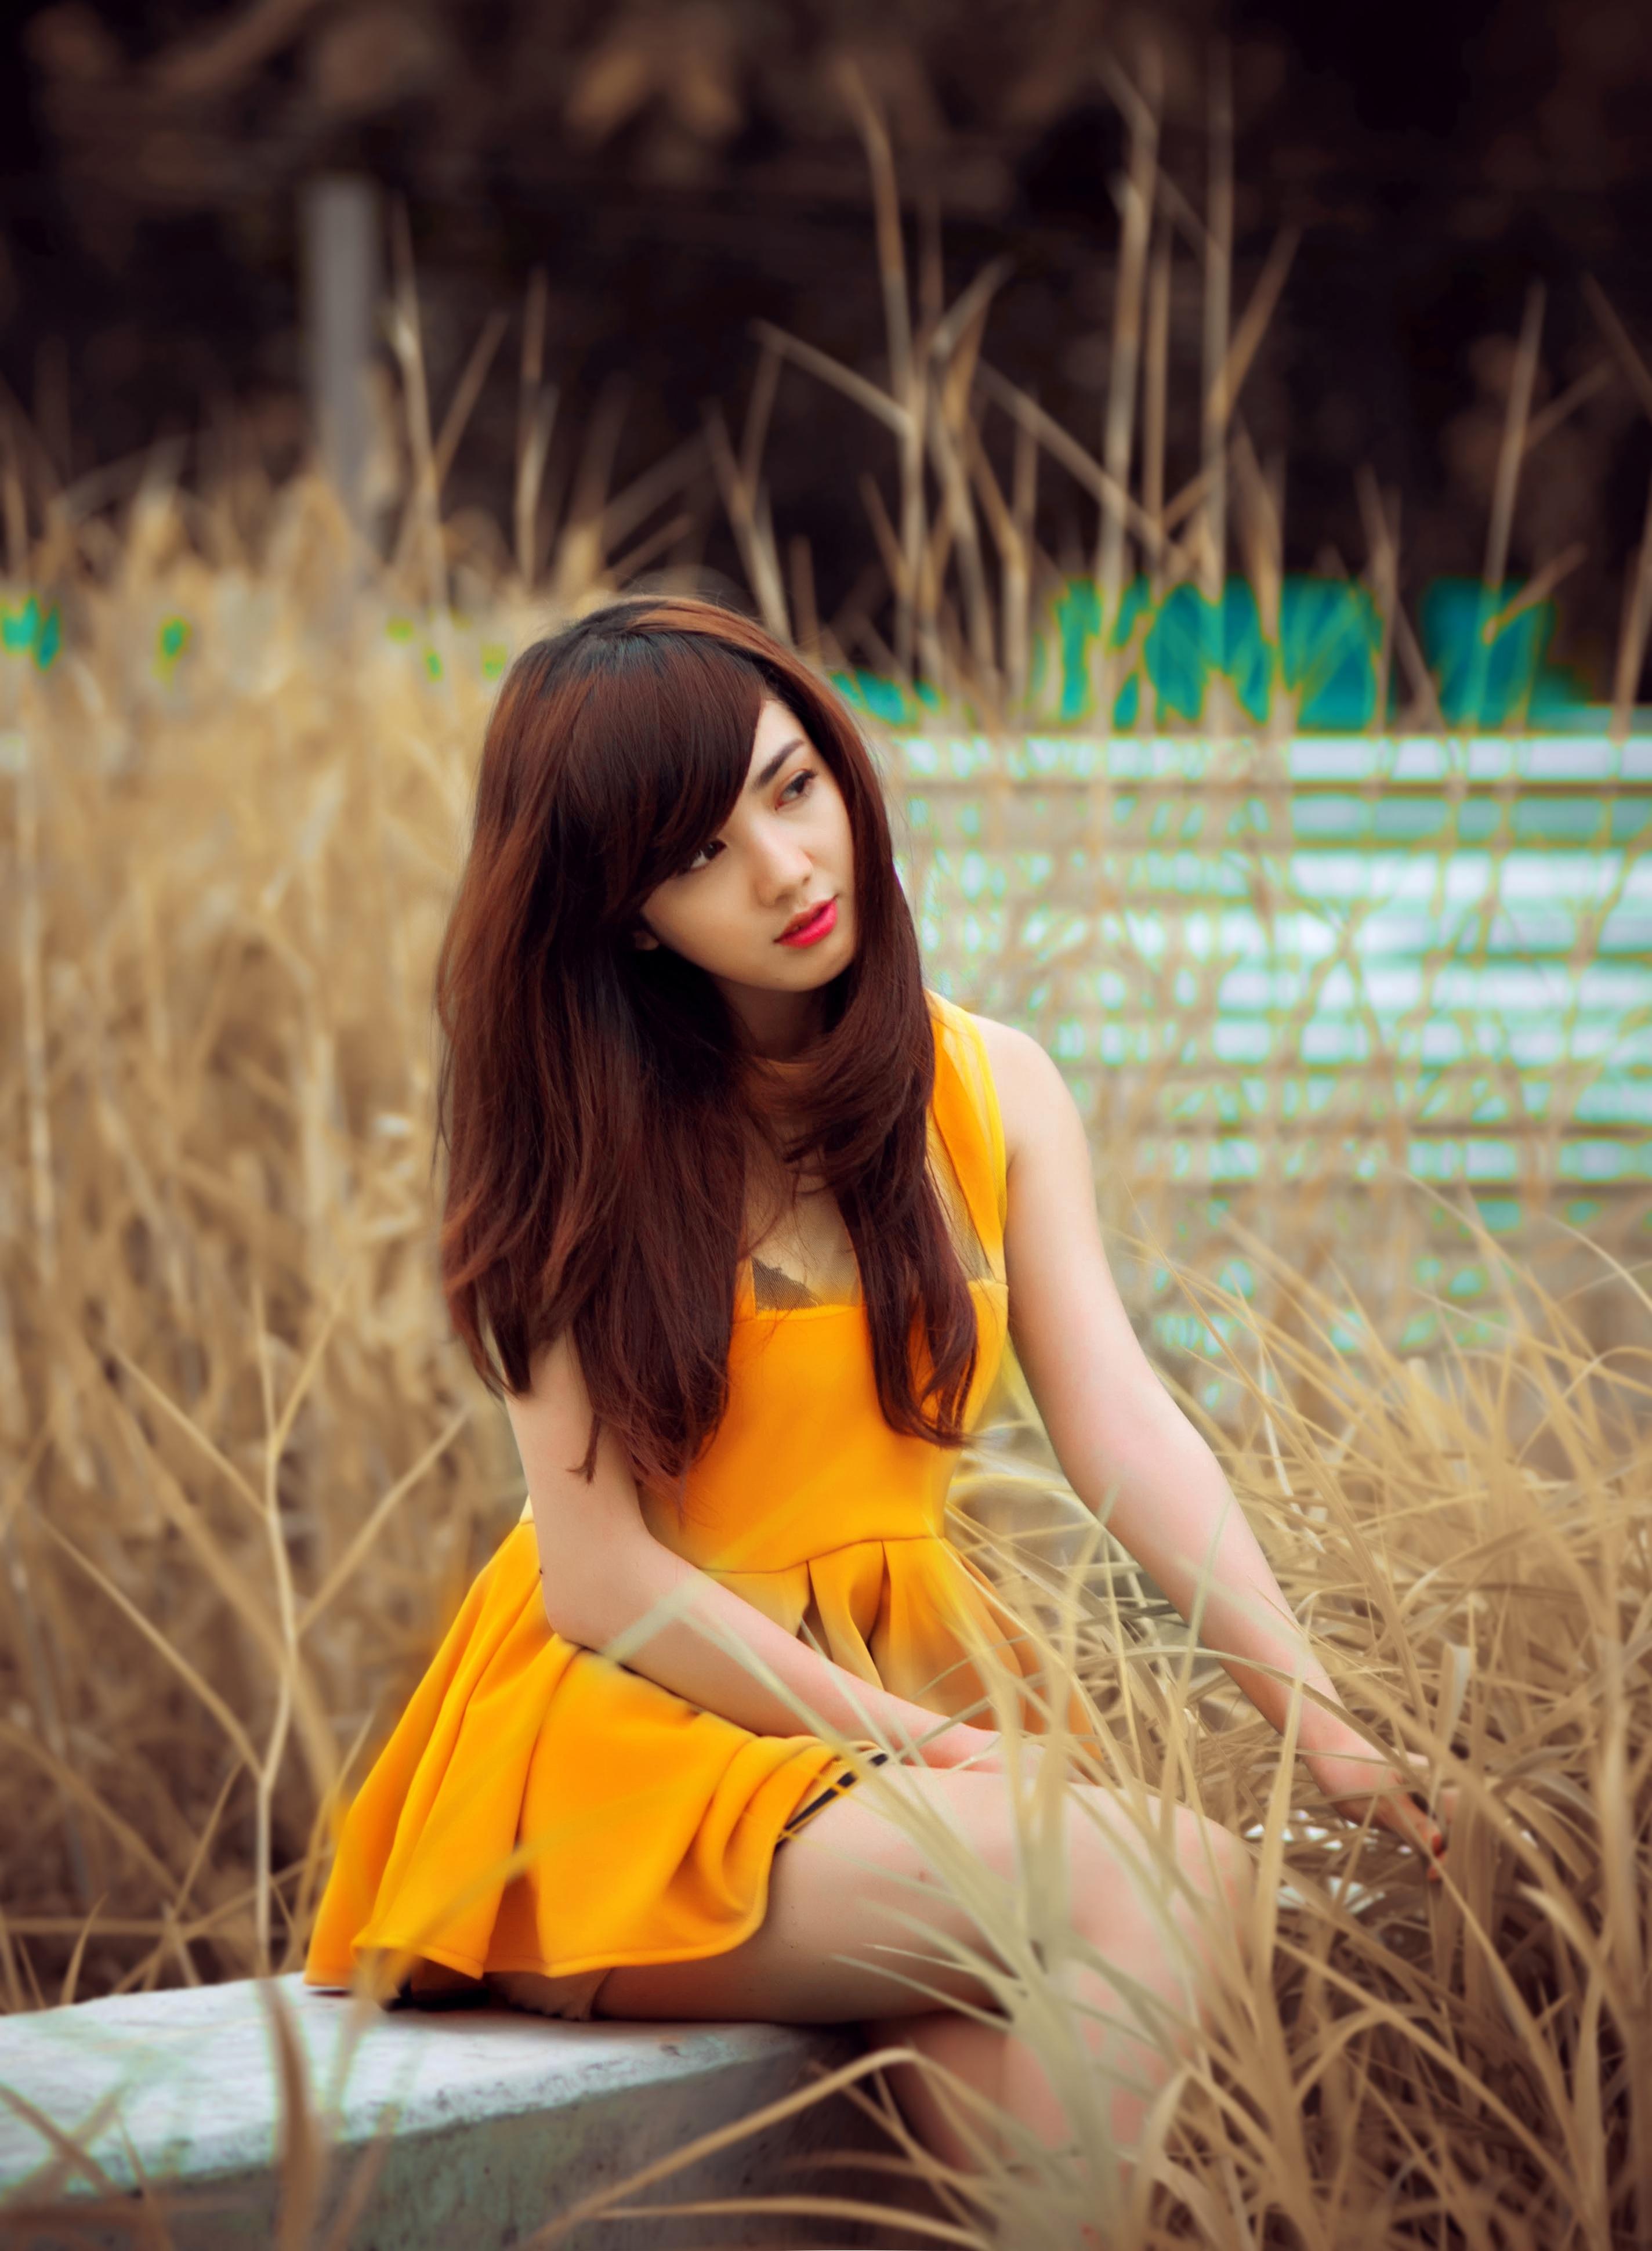 Photo girls pics 11